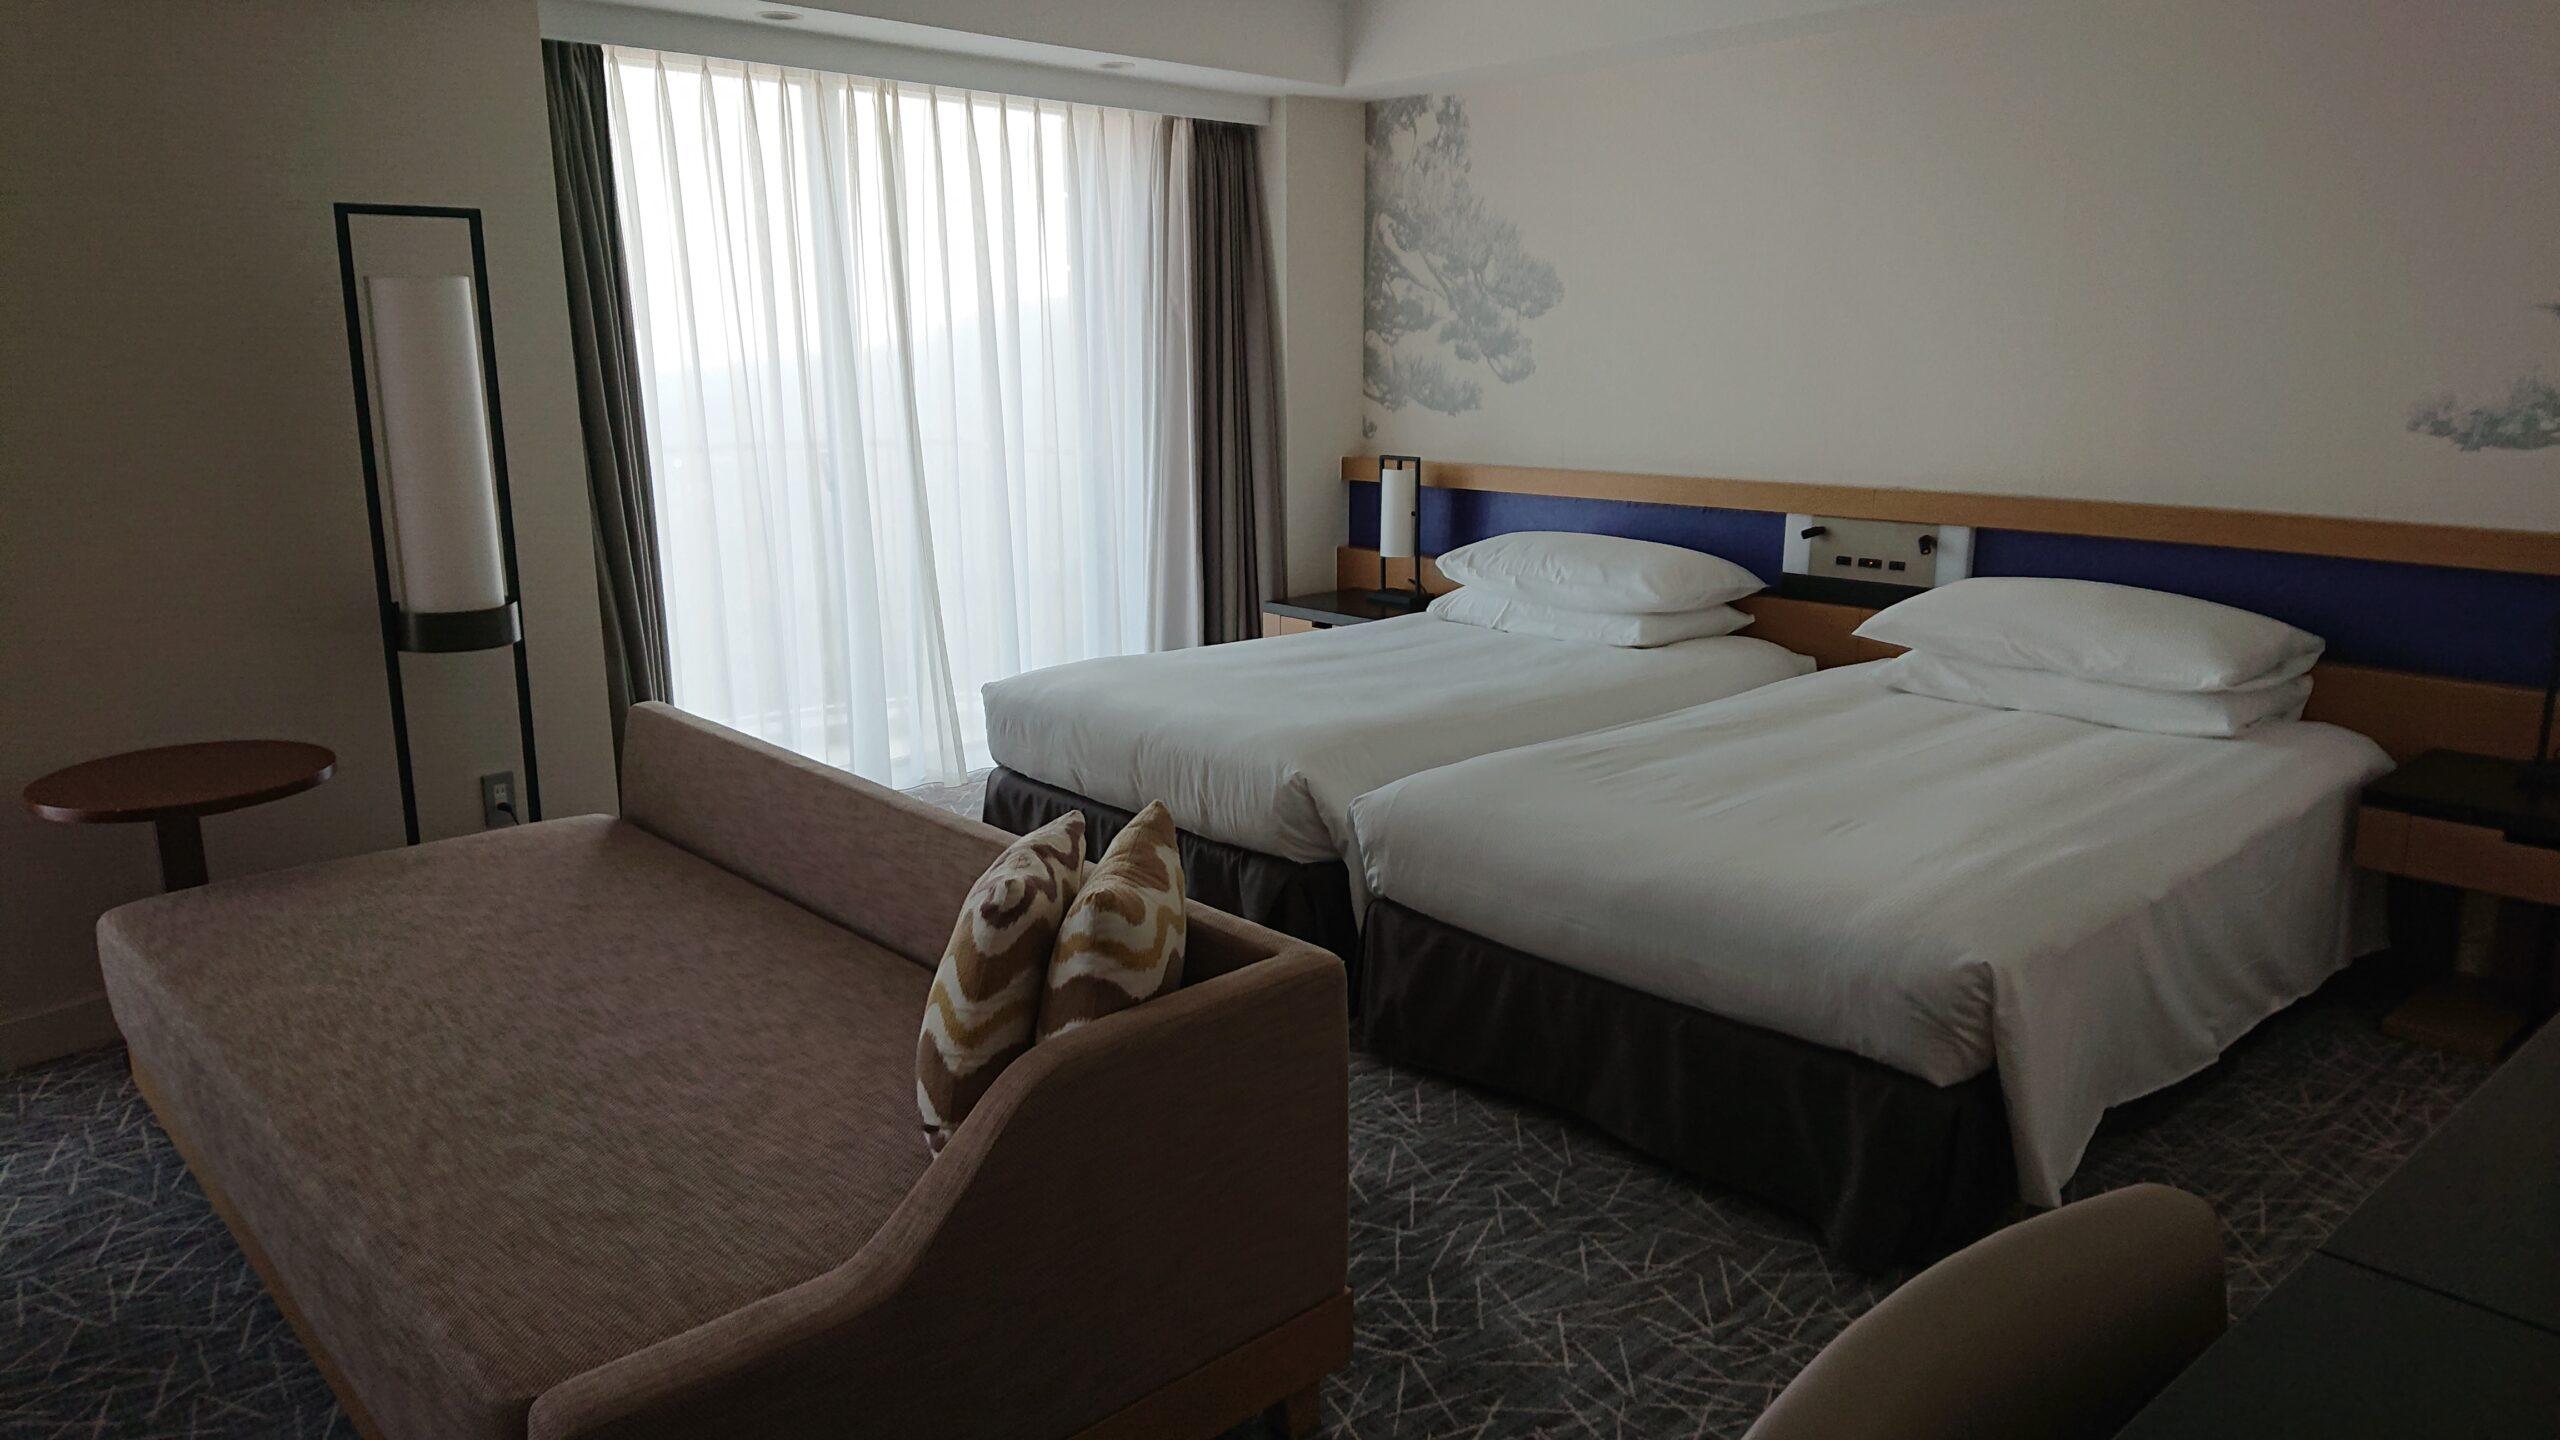 ヒルトン小田原リゾート&スパの和洋室プレミアスイートのベッドルーム